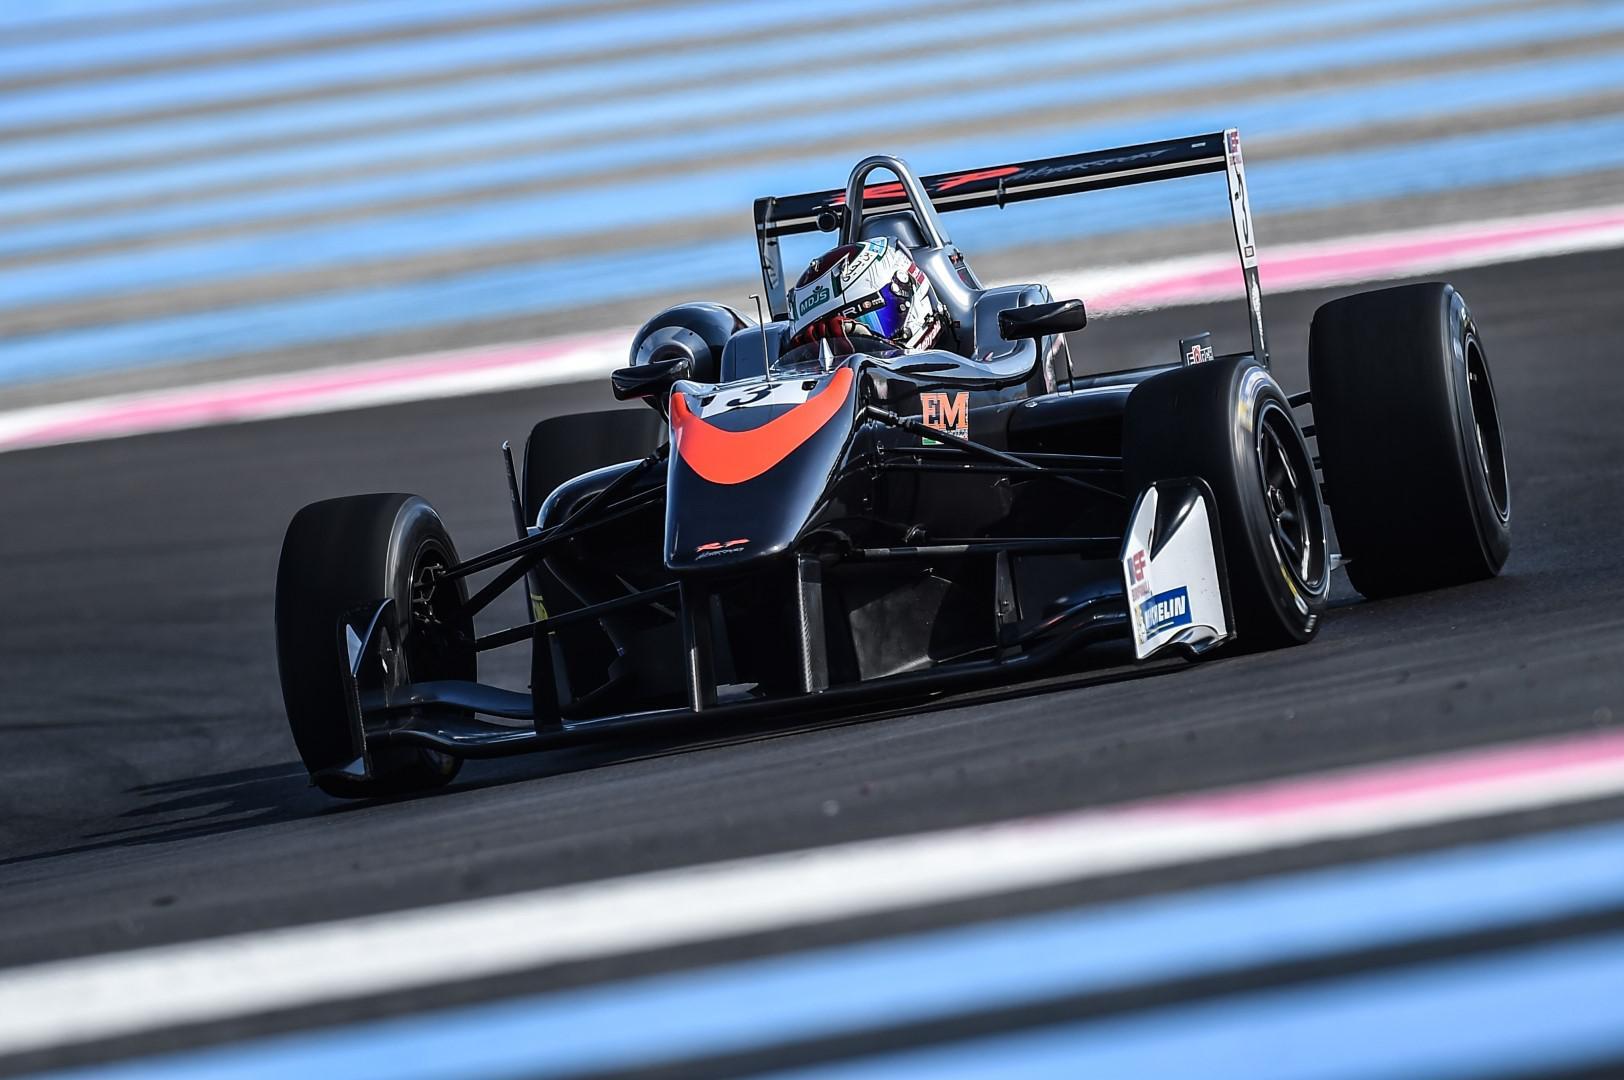 le-marocain-benyahia-debute-en-formule-3-dans-le-top-6-673-4.jpg